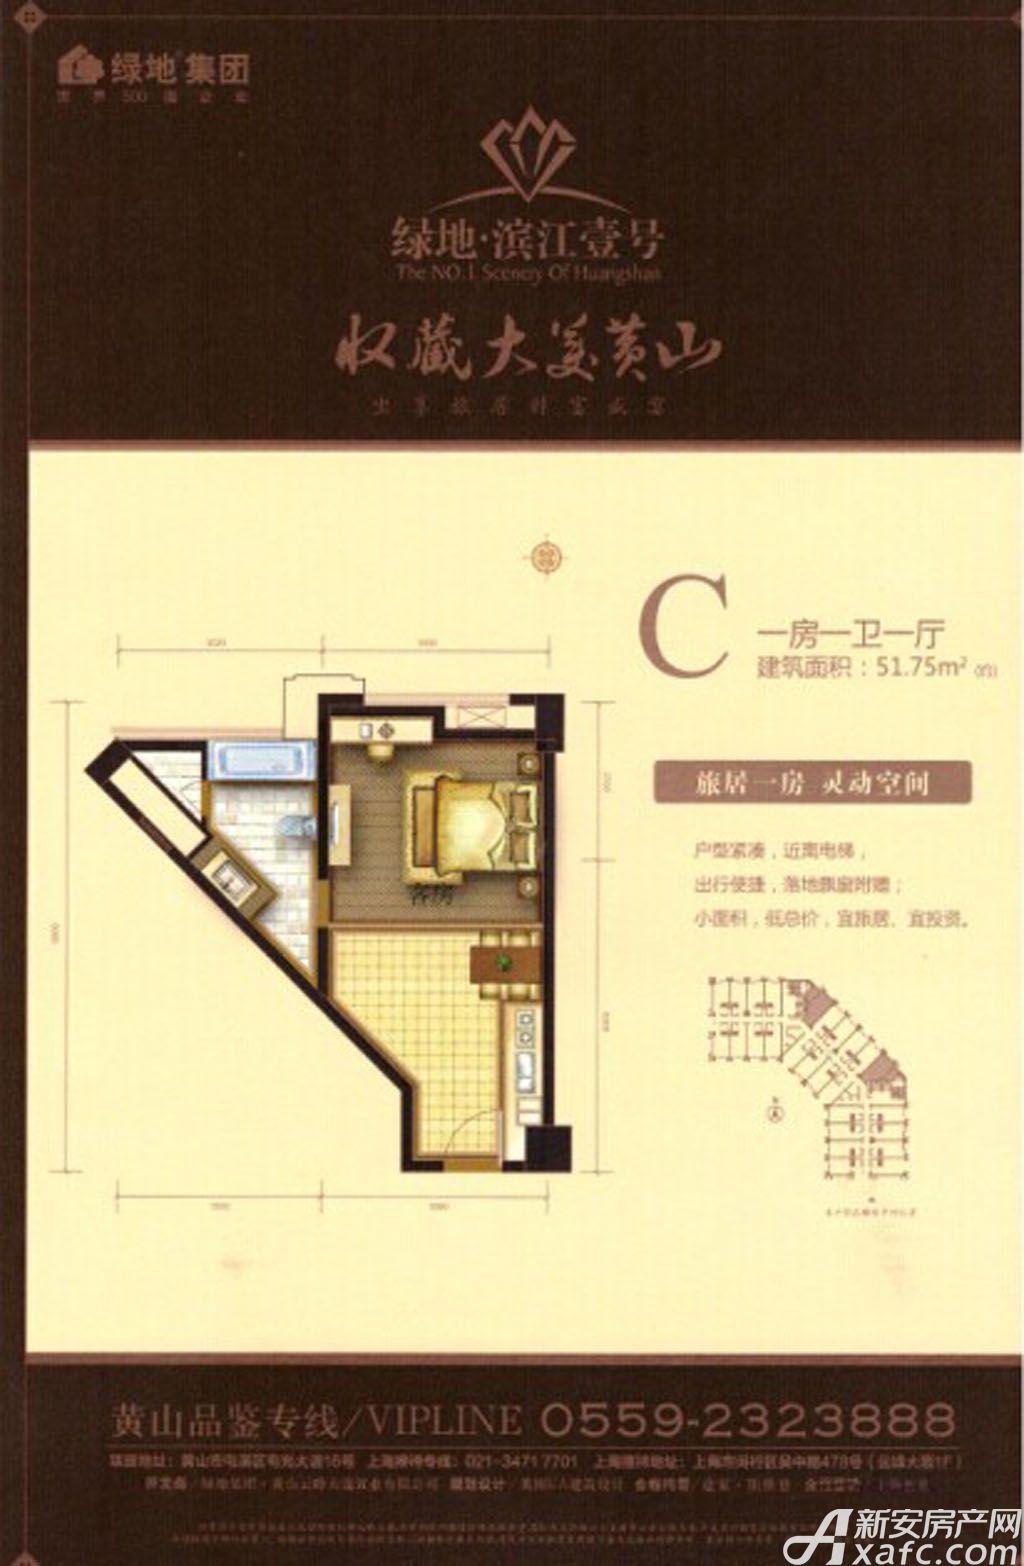 绿地滨江壹号C1室1厅51.75平米